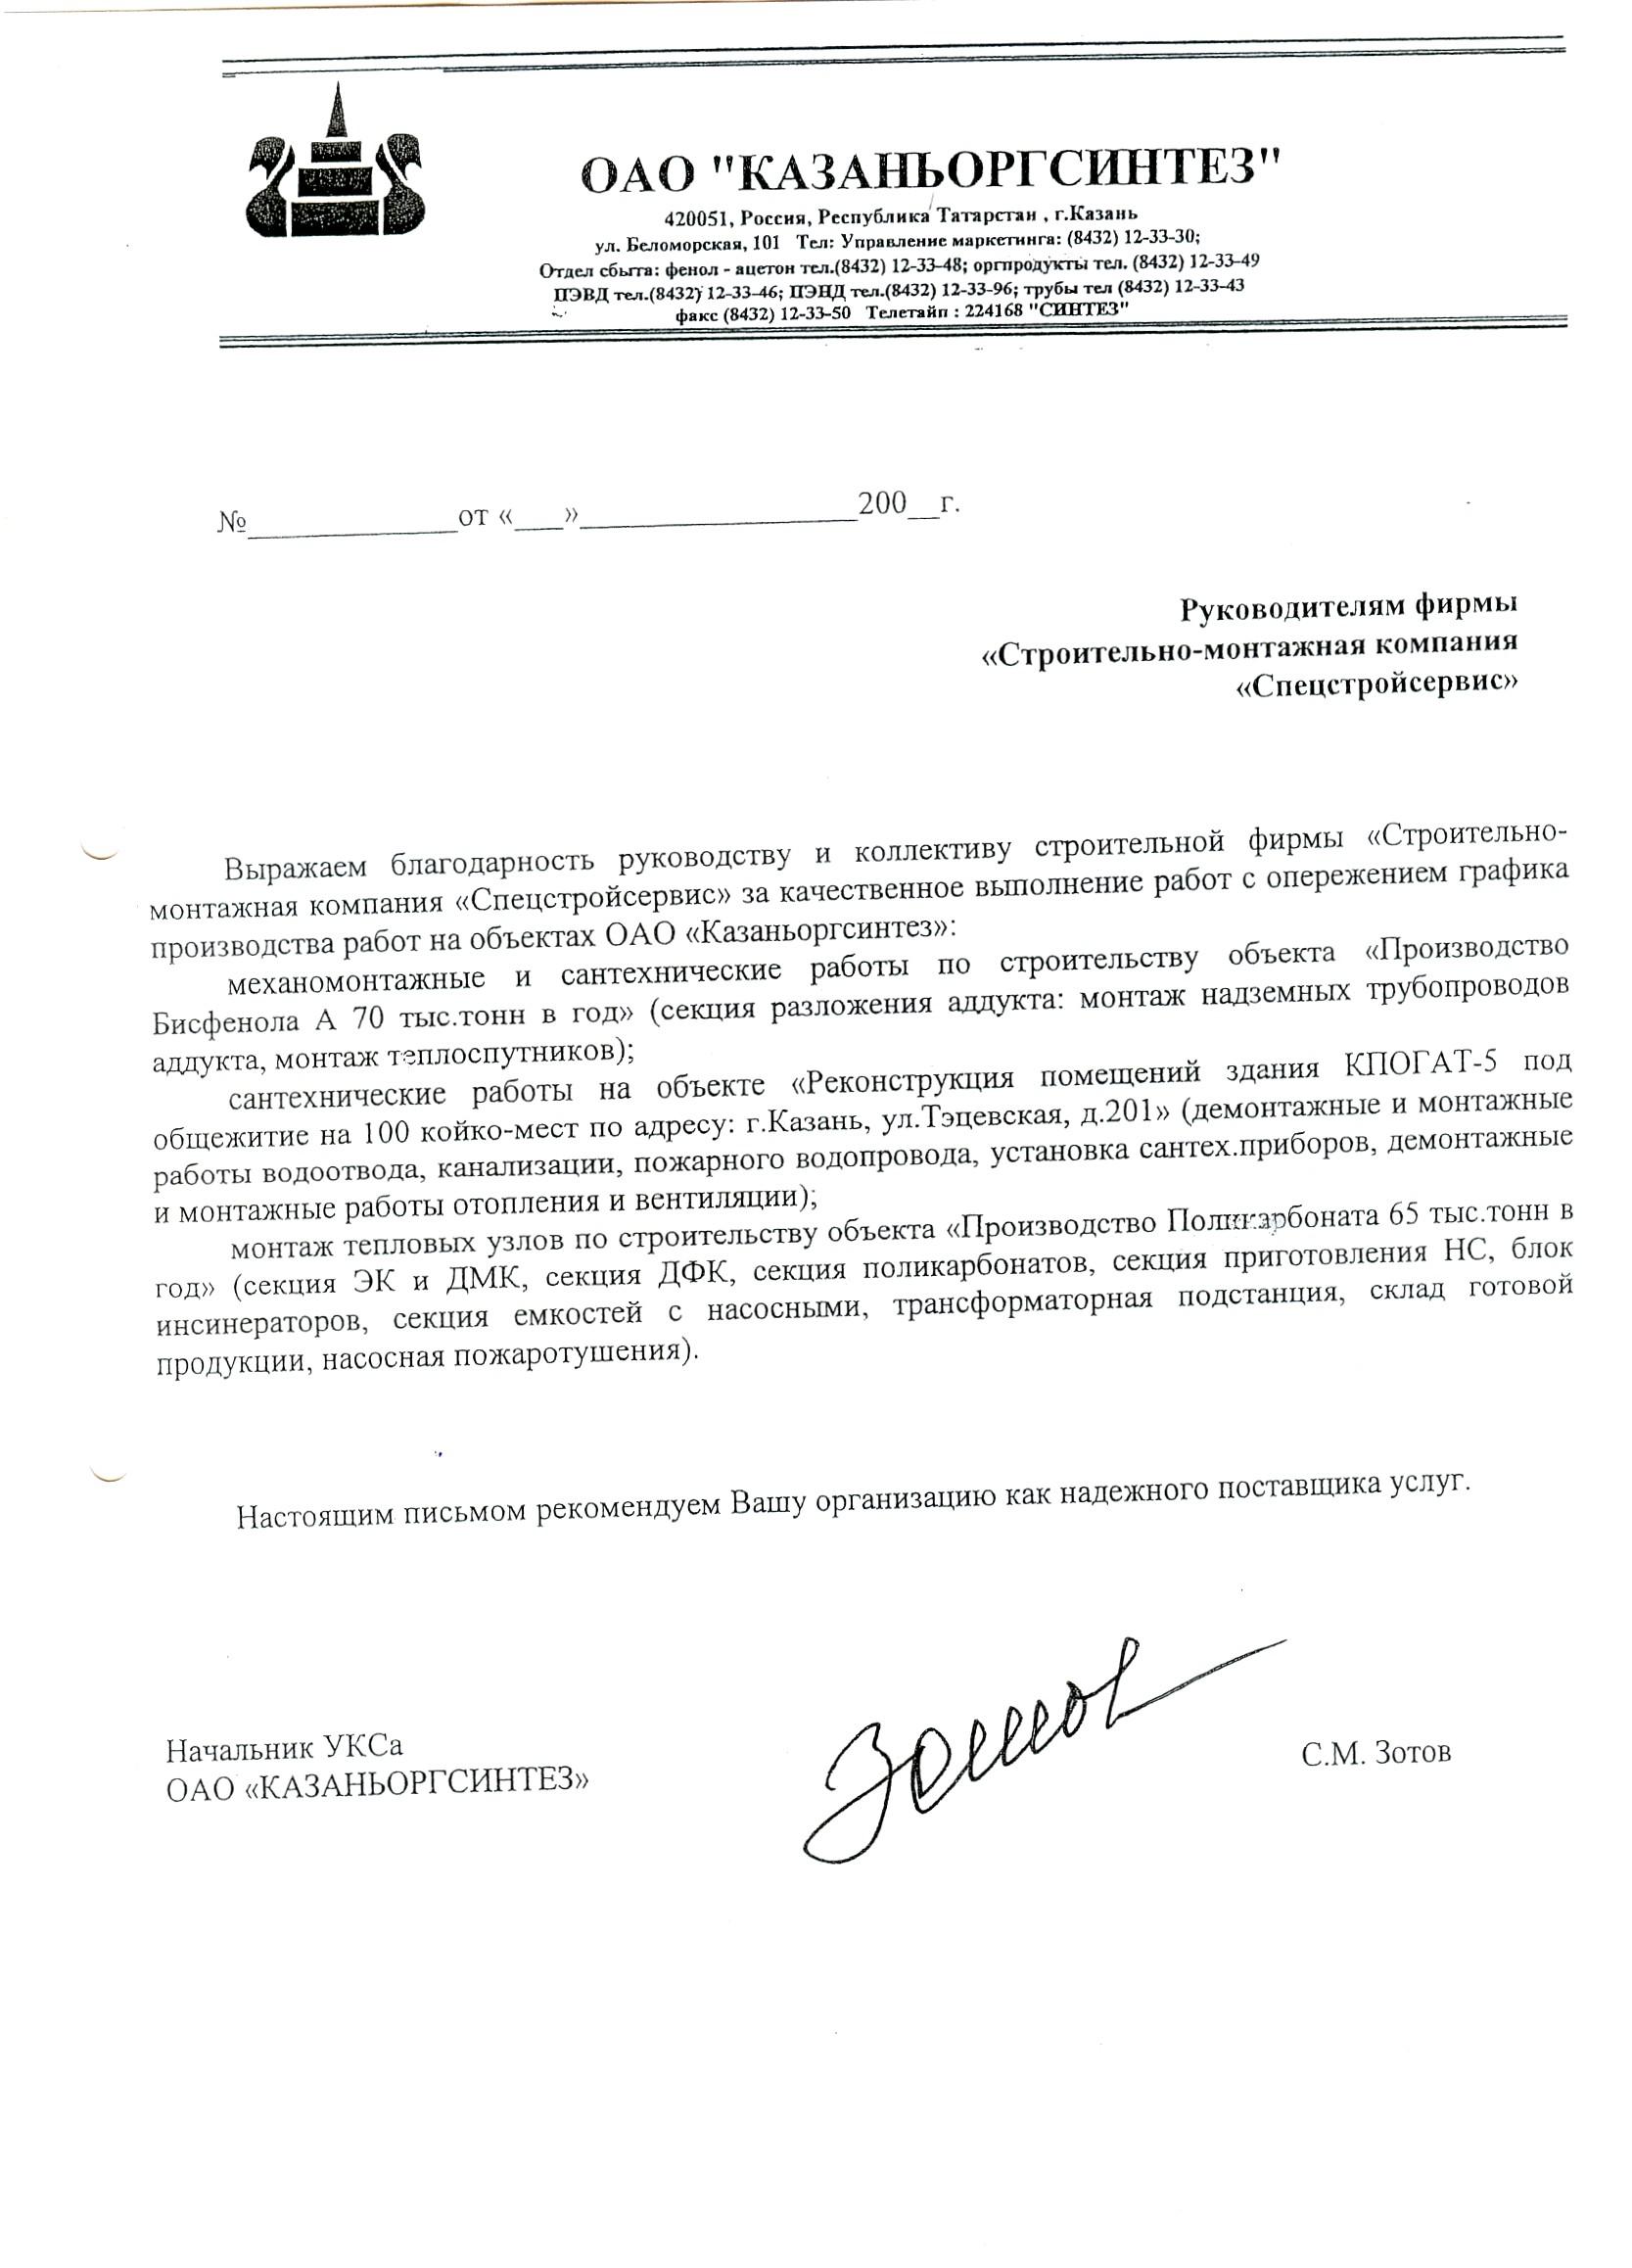 СМК Спецстройсервис 4